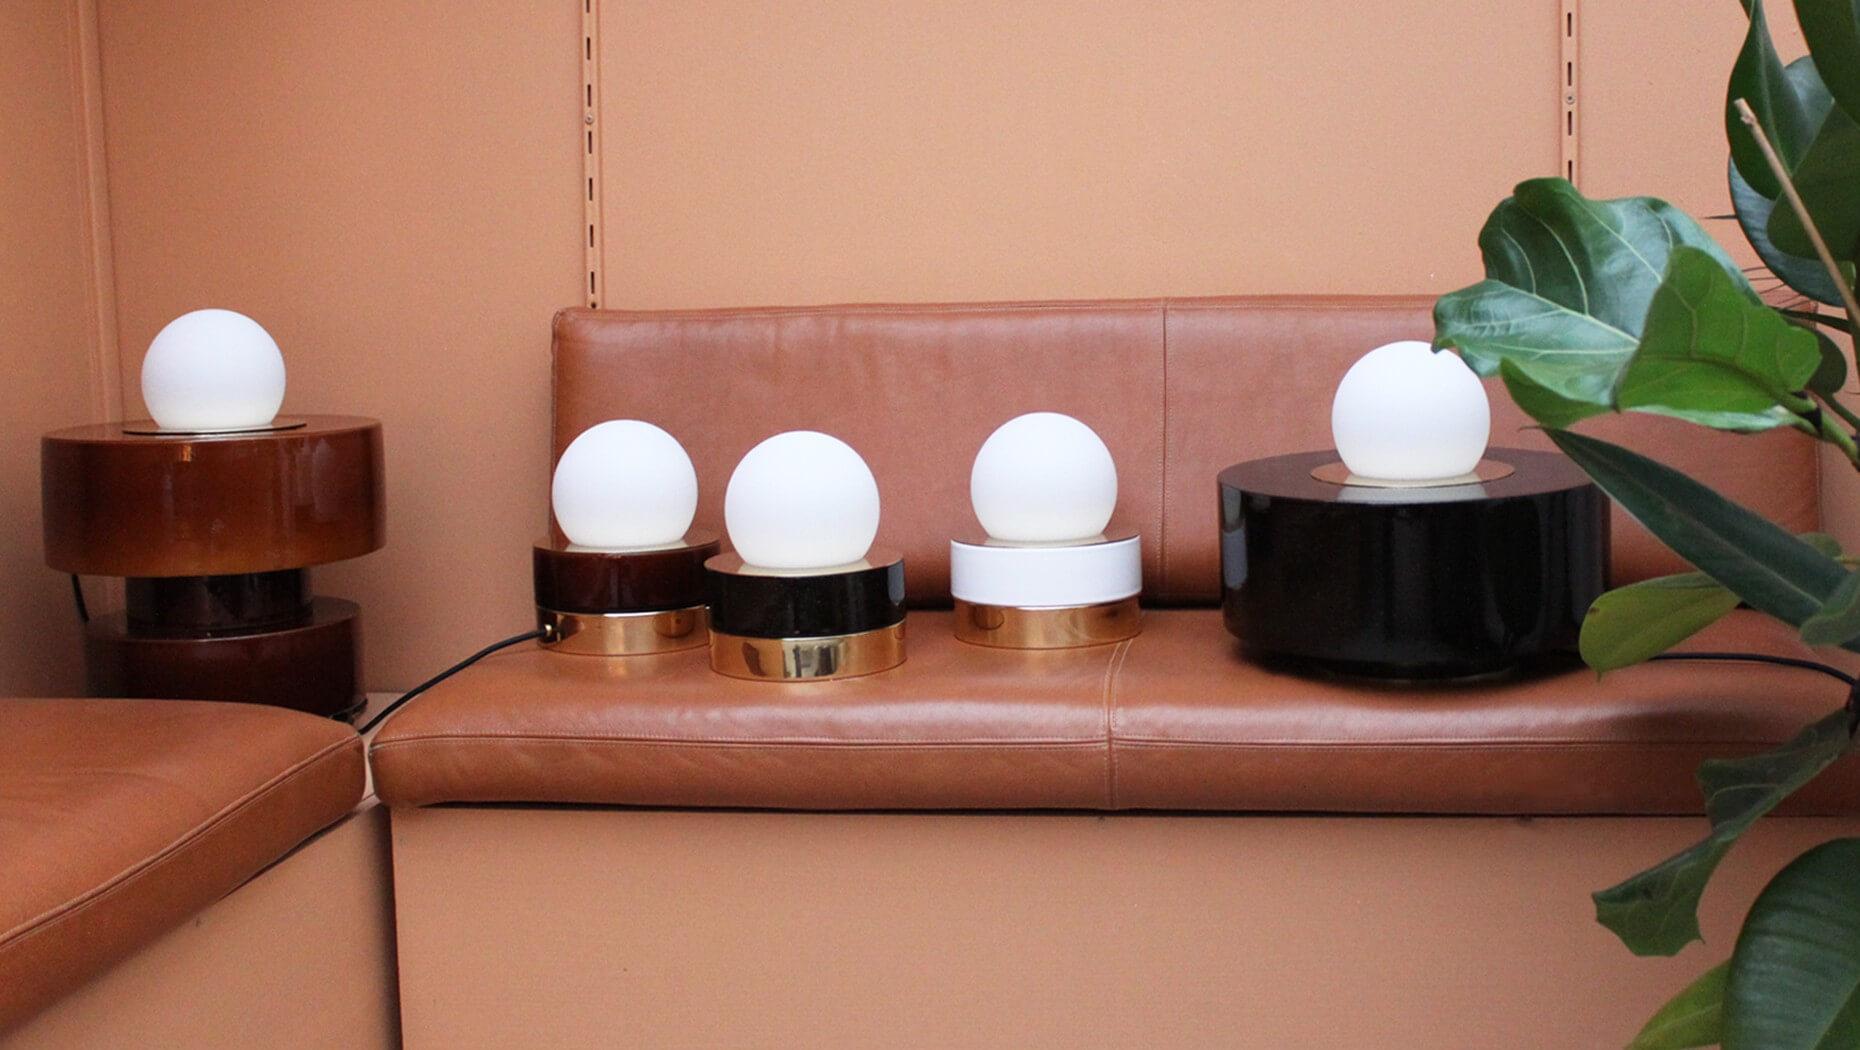 Les luminaires Haos, entre élégance et simplicité